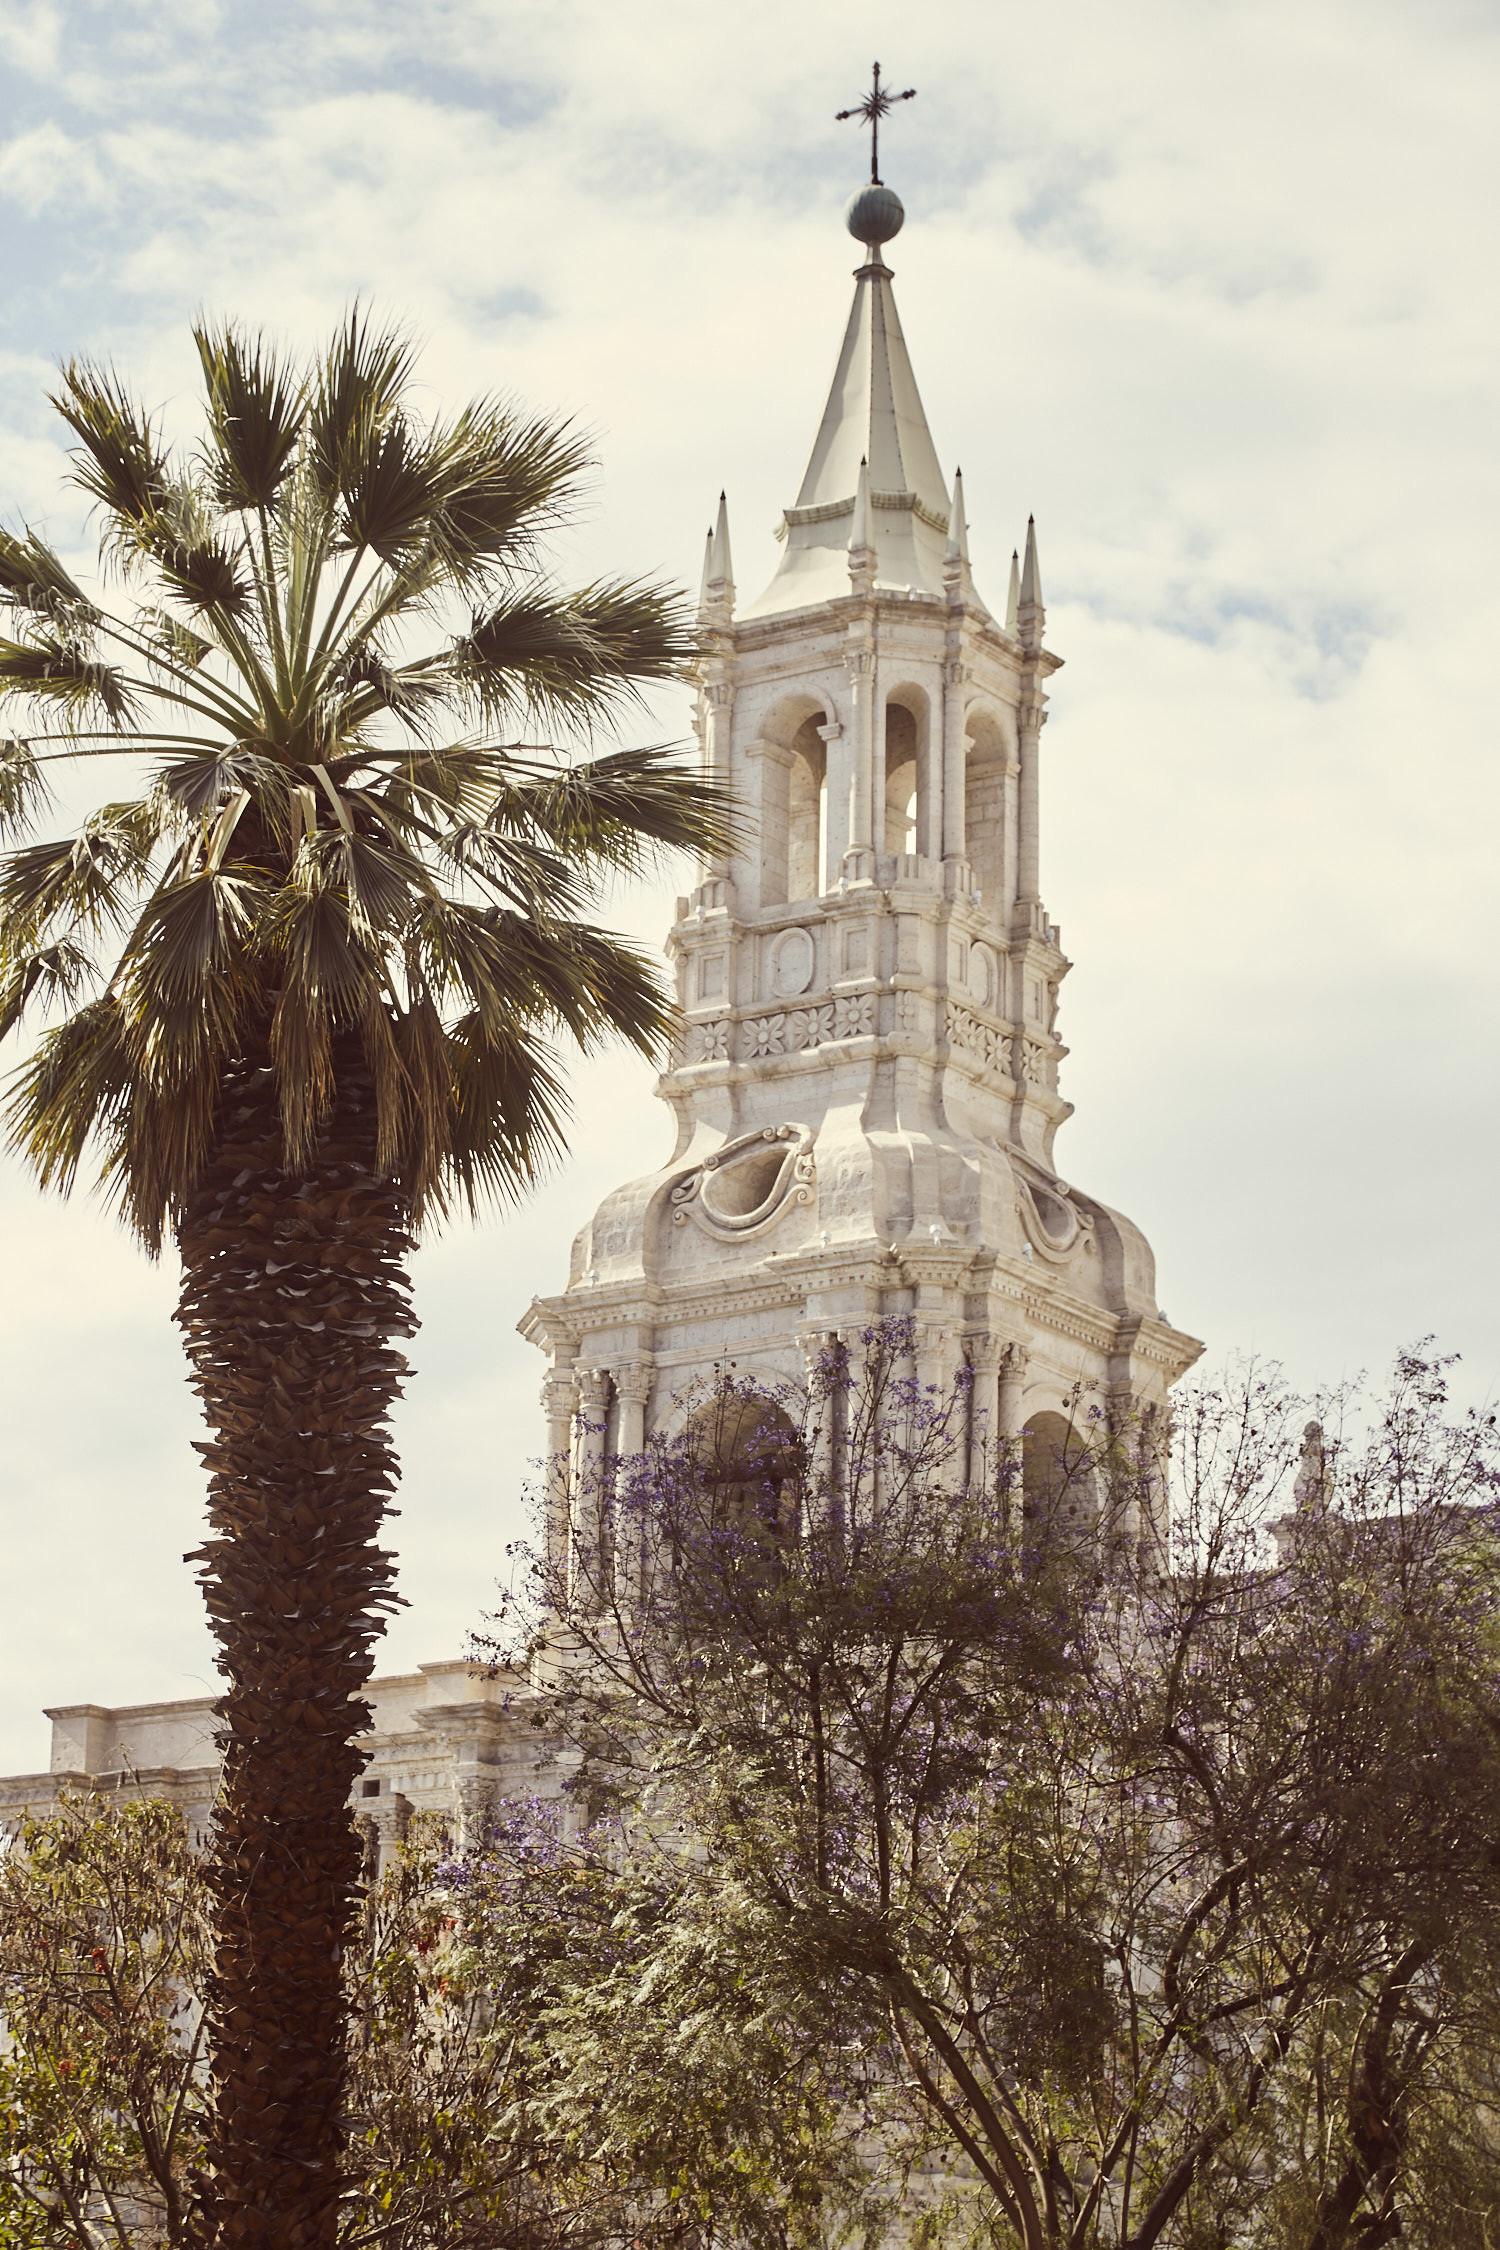 Kirchturm von Arequipa mit Palme im Vordergrund , Peru, Ausflugsziele in Peru